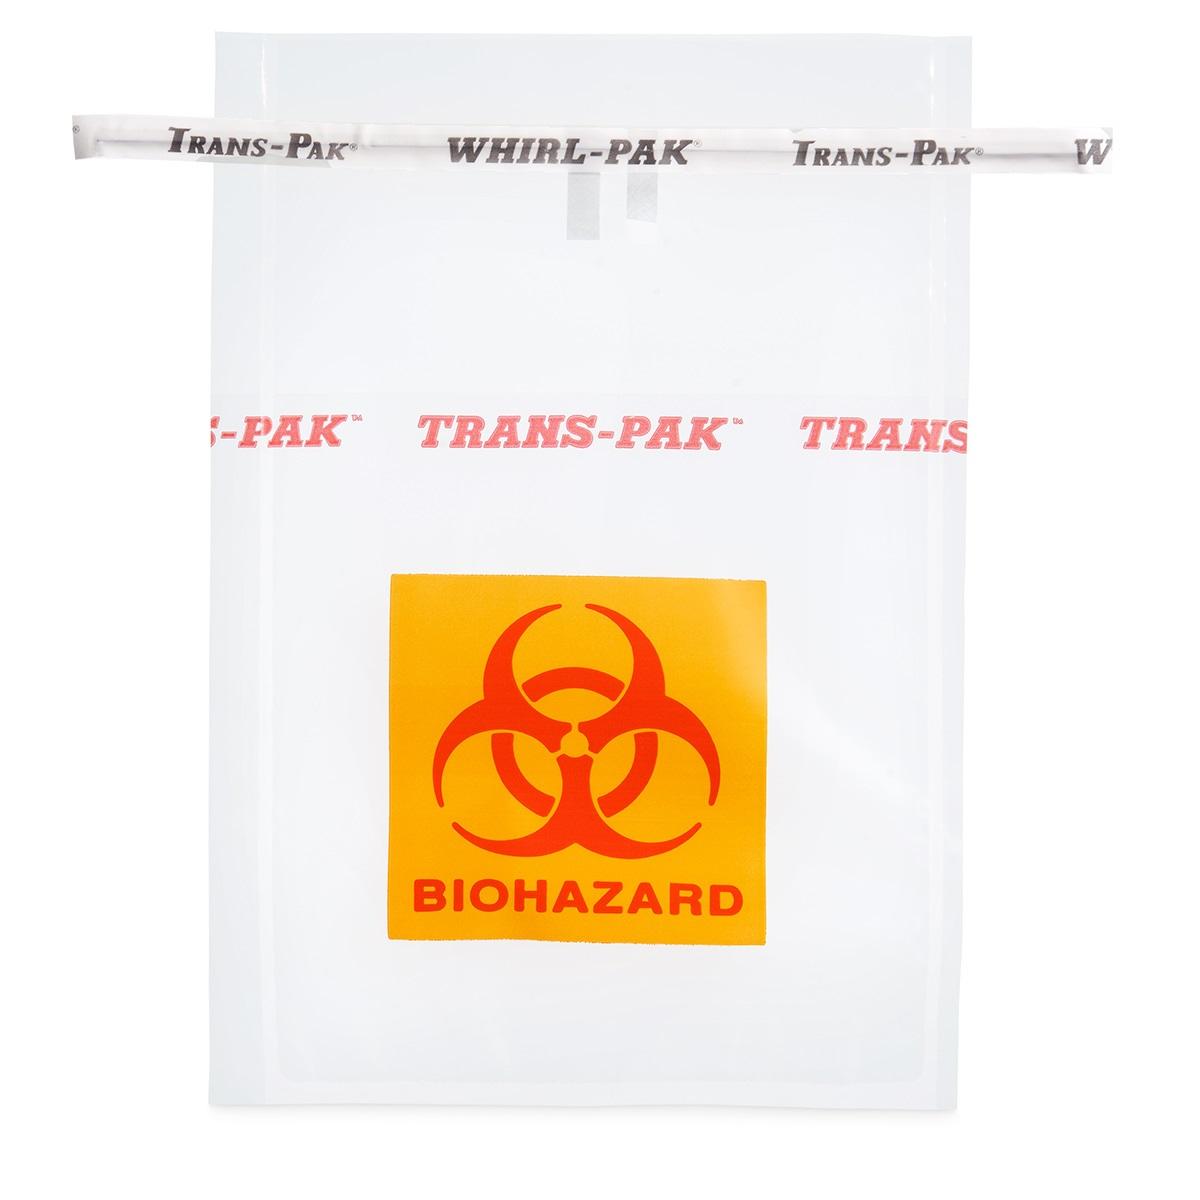 Whirl-Pak® нестерильные пакеты для опасных образцов без поля для надписи Trans-Pak®(710 мл)